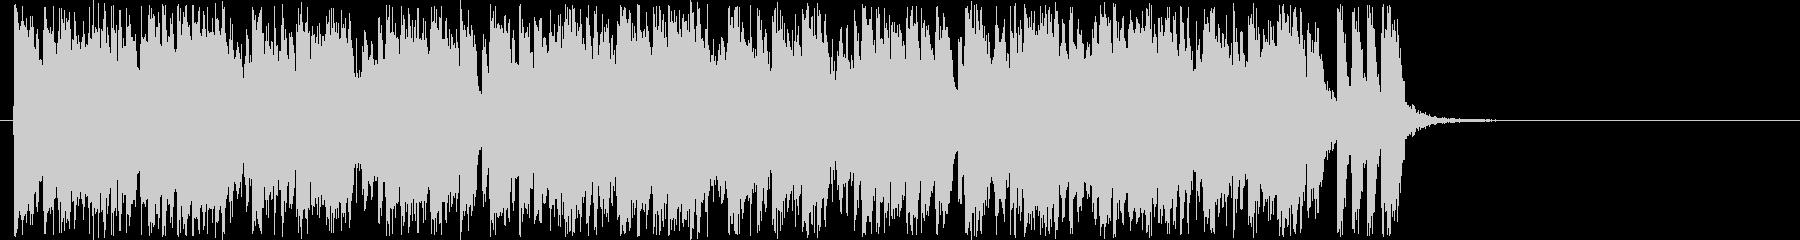 30秒車のCMのイメージですの未再生の波形